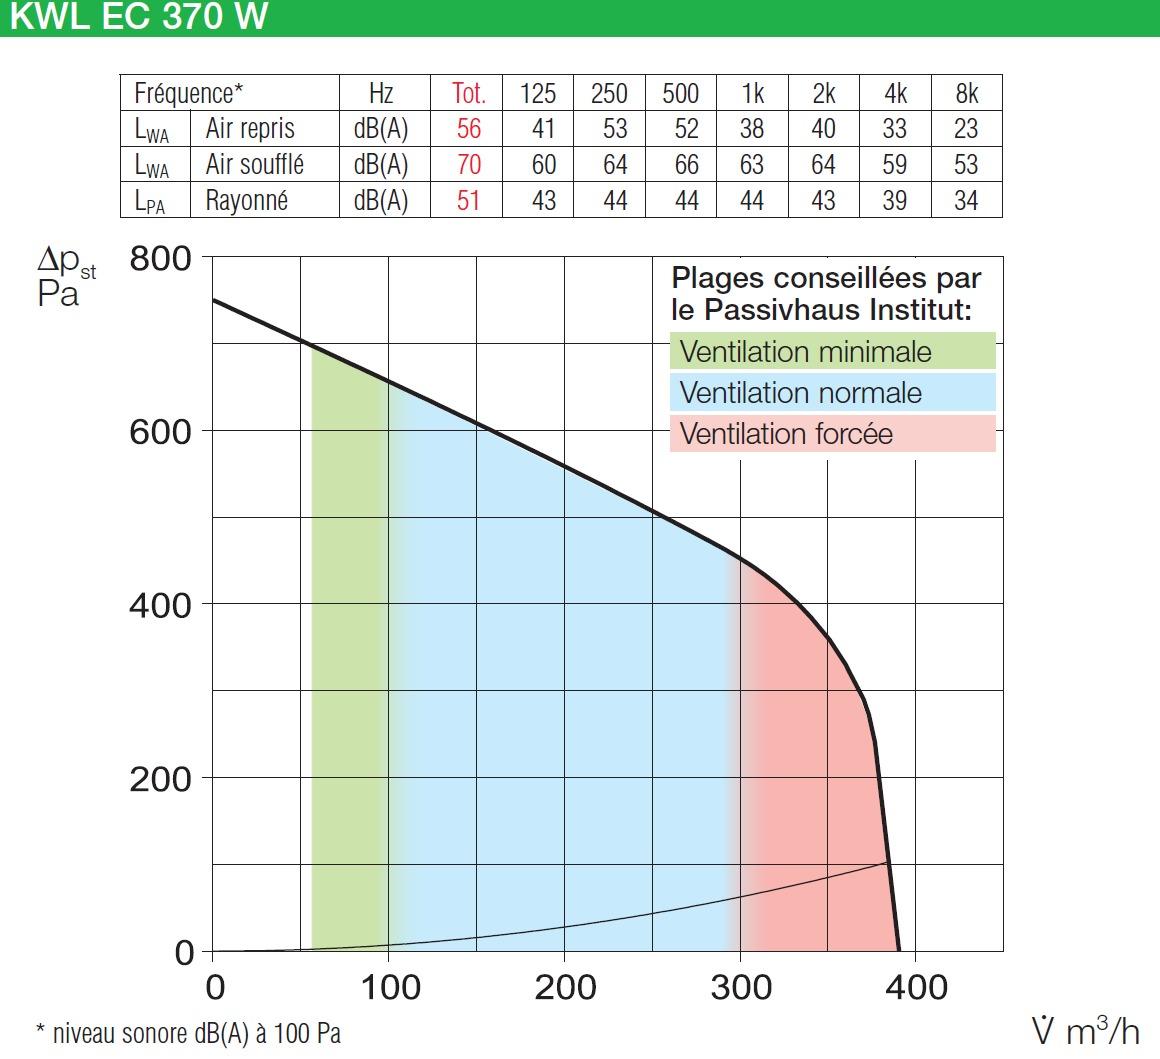 Vmc double flux kwl ec 370 w et r easycontrols for Vmc double flux sauter